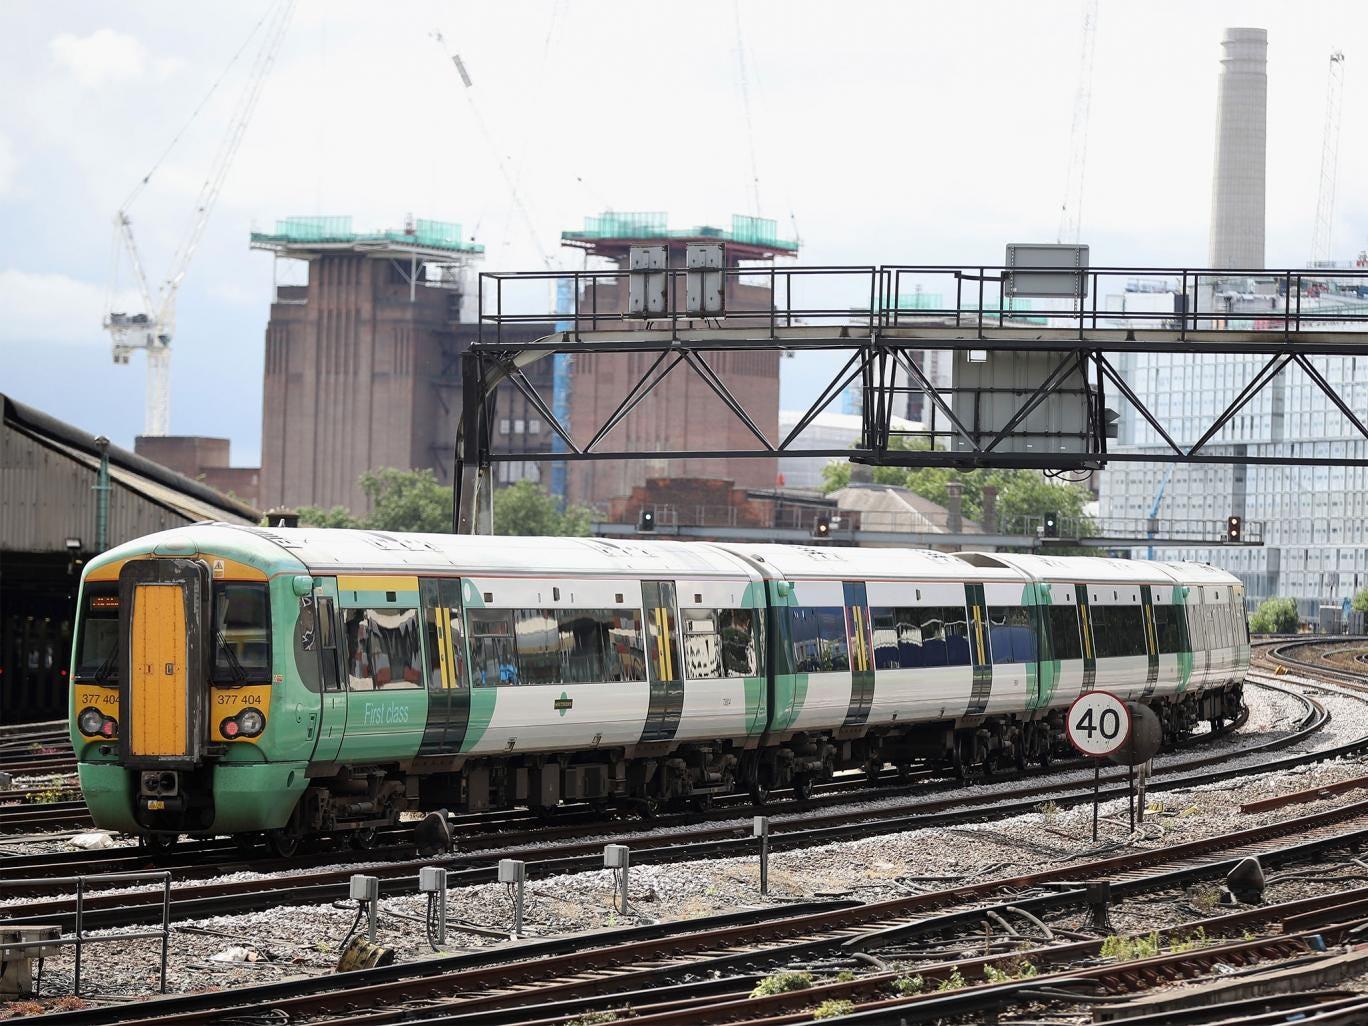 Southern Rail image